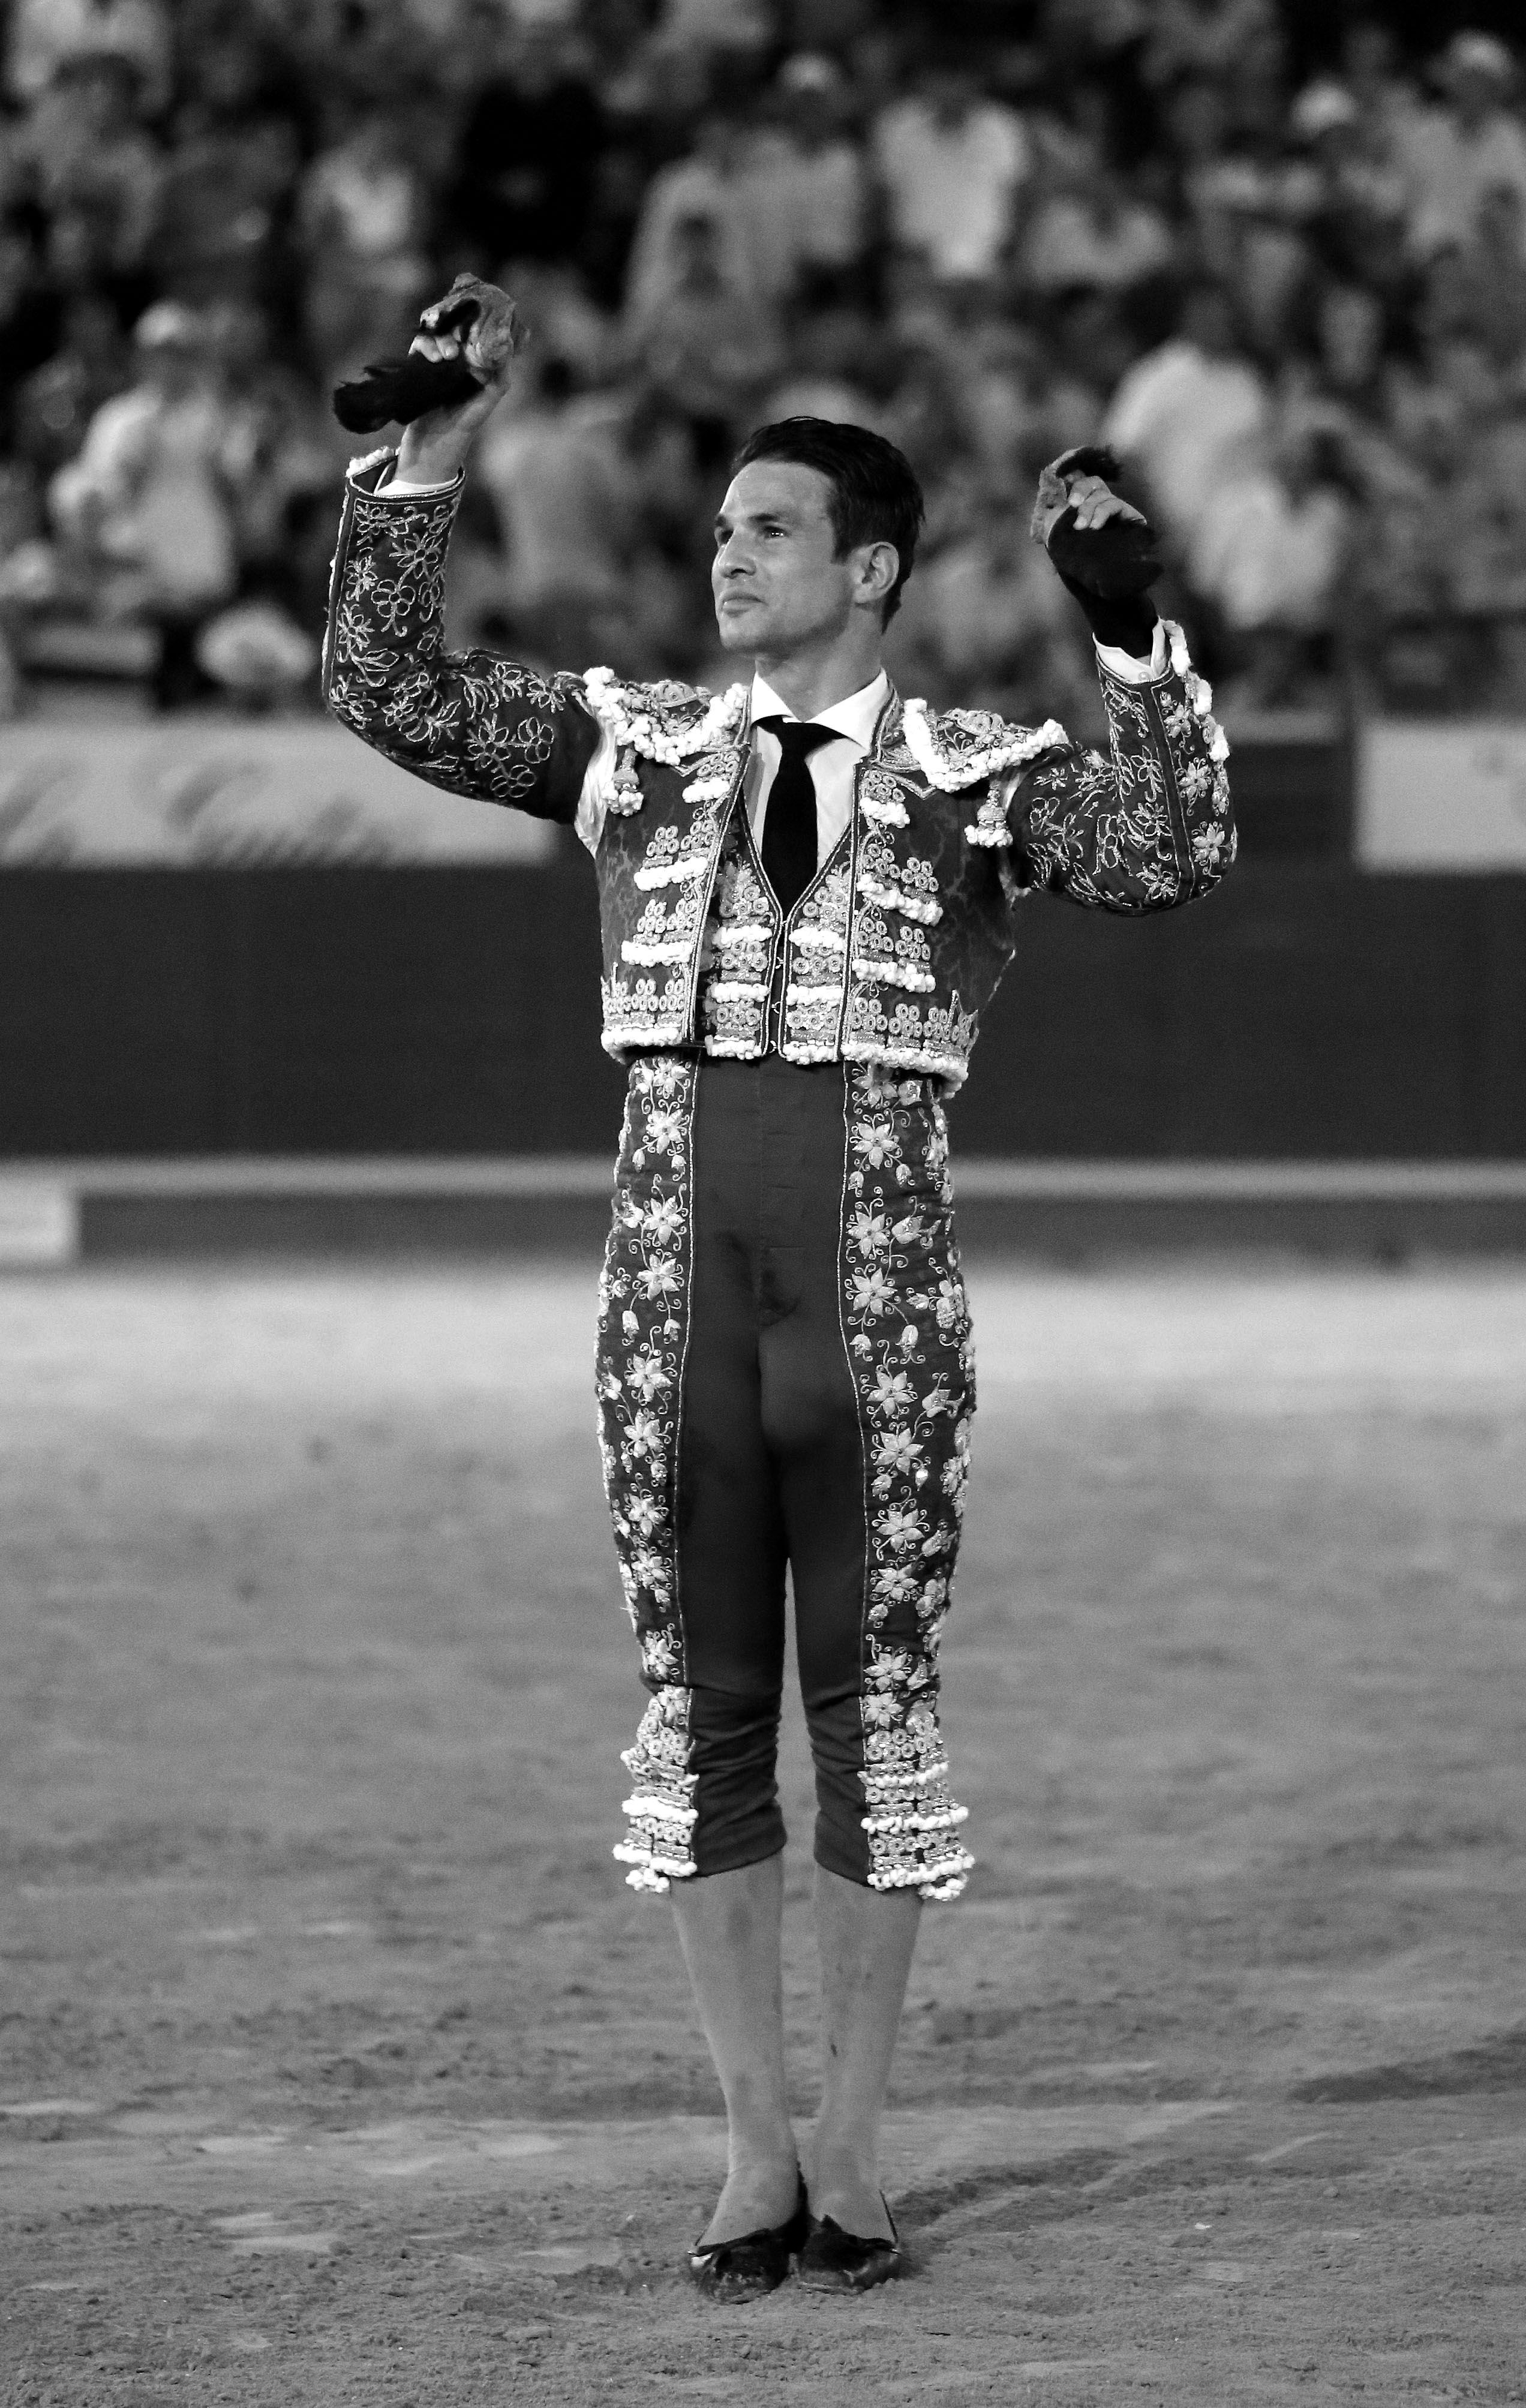 Lleno de 'no hay billetes' en Sanlúcar de Barrameda y aclamada puerta grande para José María Manzanares tras cortar tres orejas. El primer toro de Lola Domecq fue bruto desde el princip…